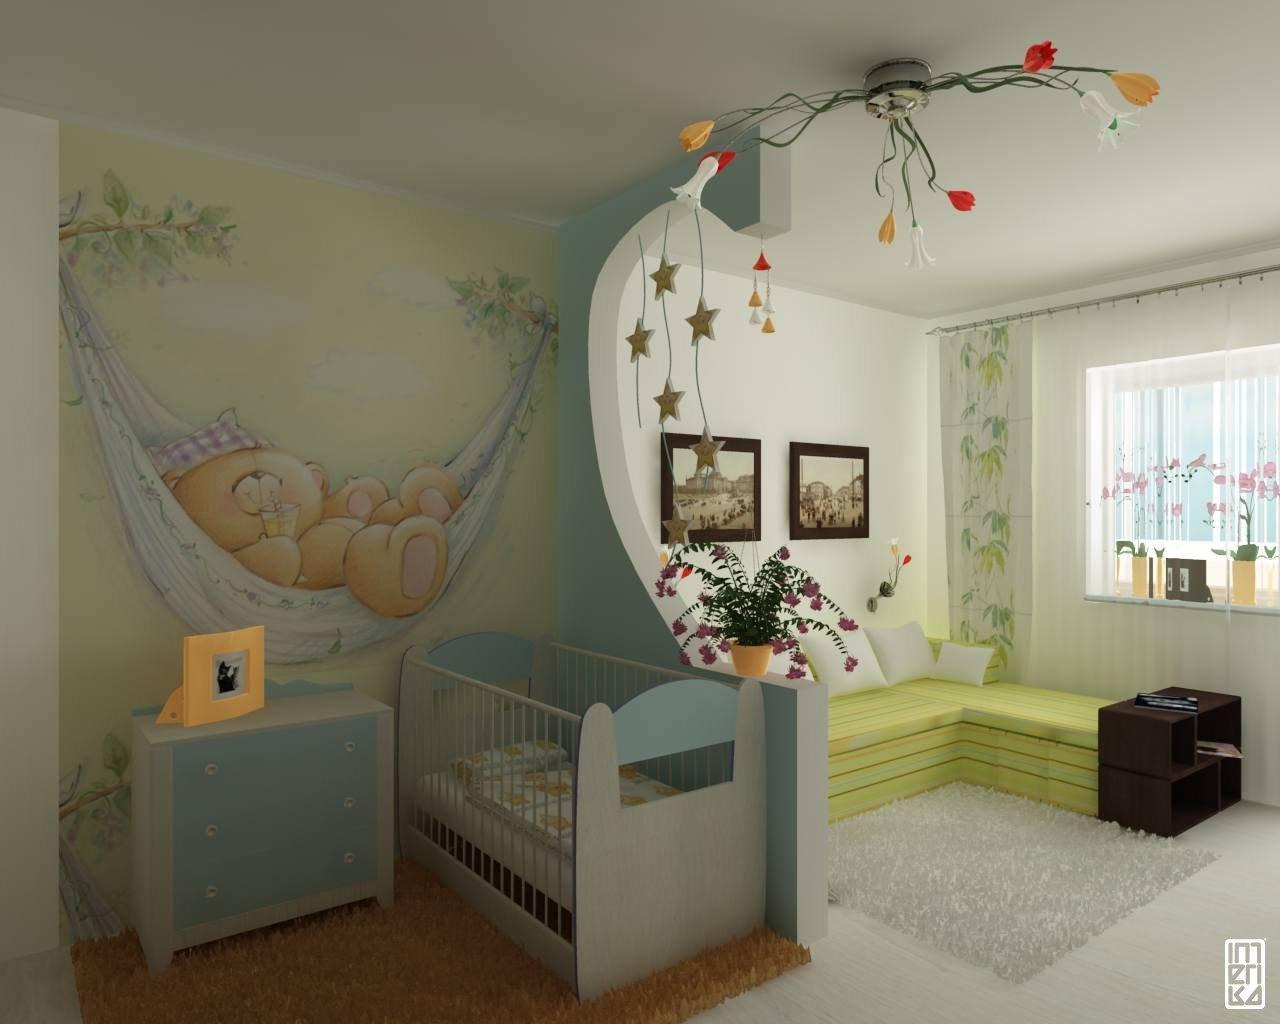 Kinderzimmer Gestaltung, weiche Farben und Gemütlichkeit